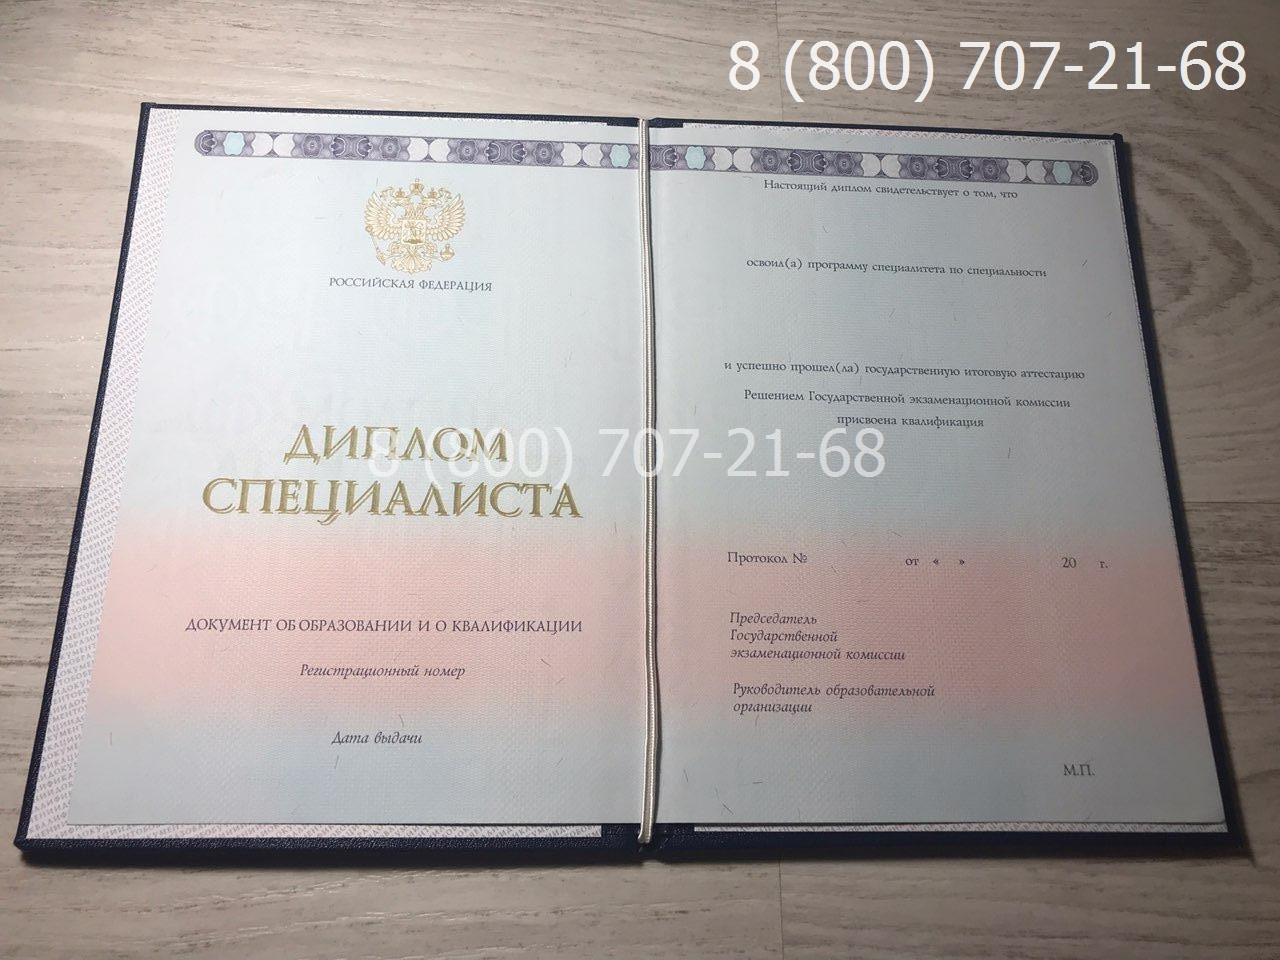 Диплом специалиста 2014-2019 года, нового образца фото 1